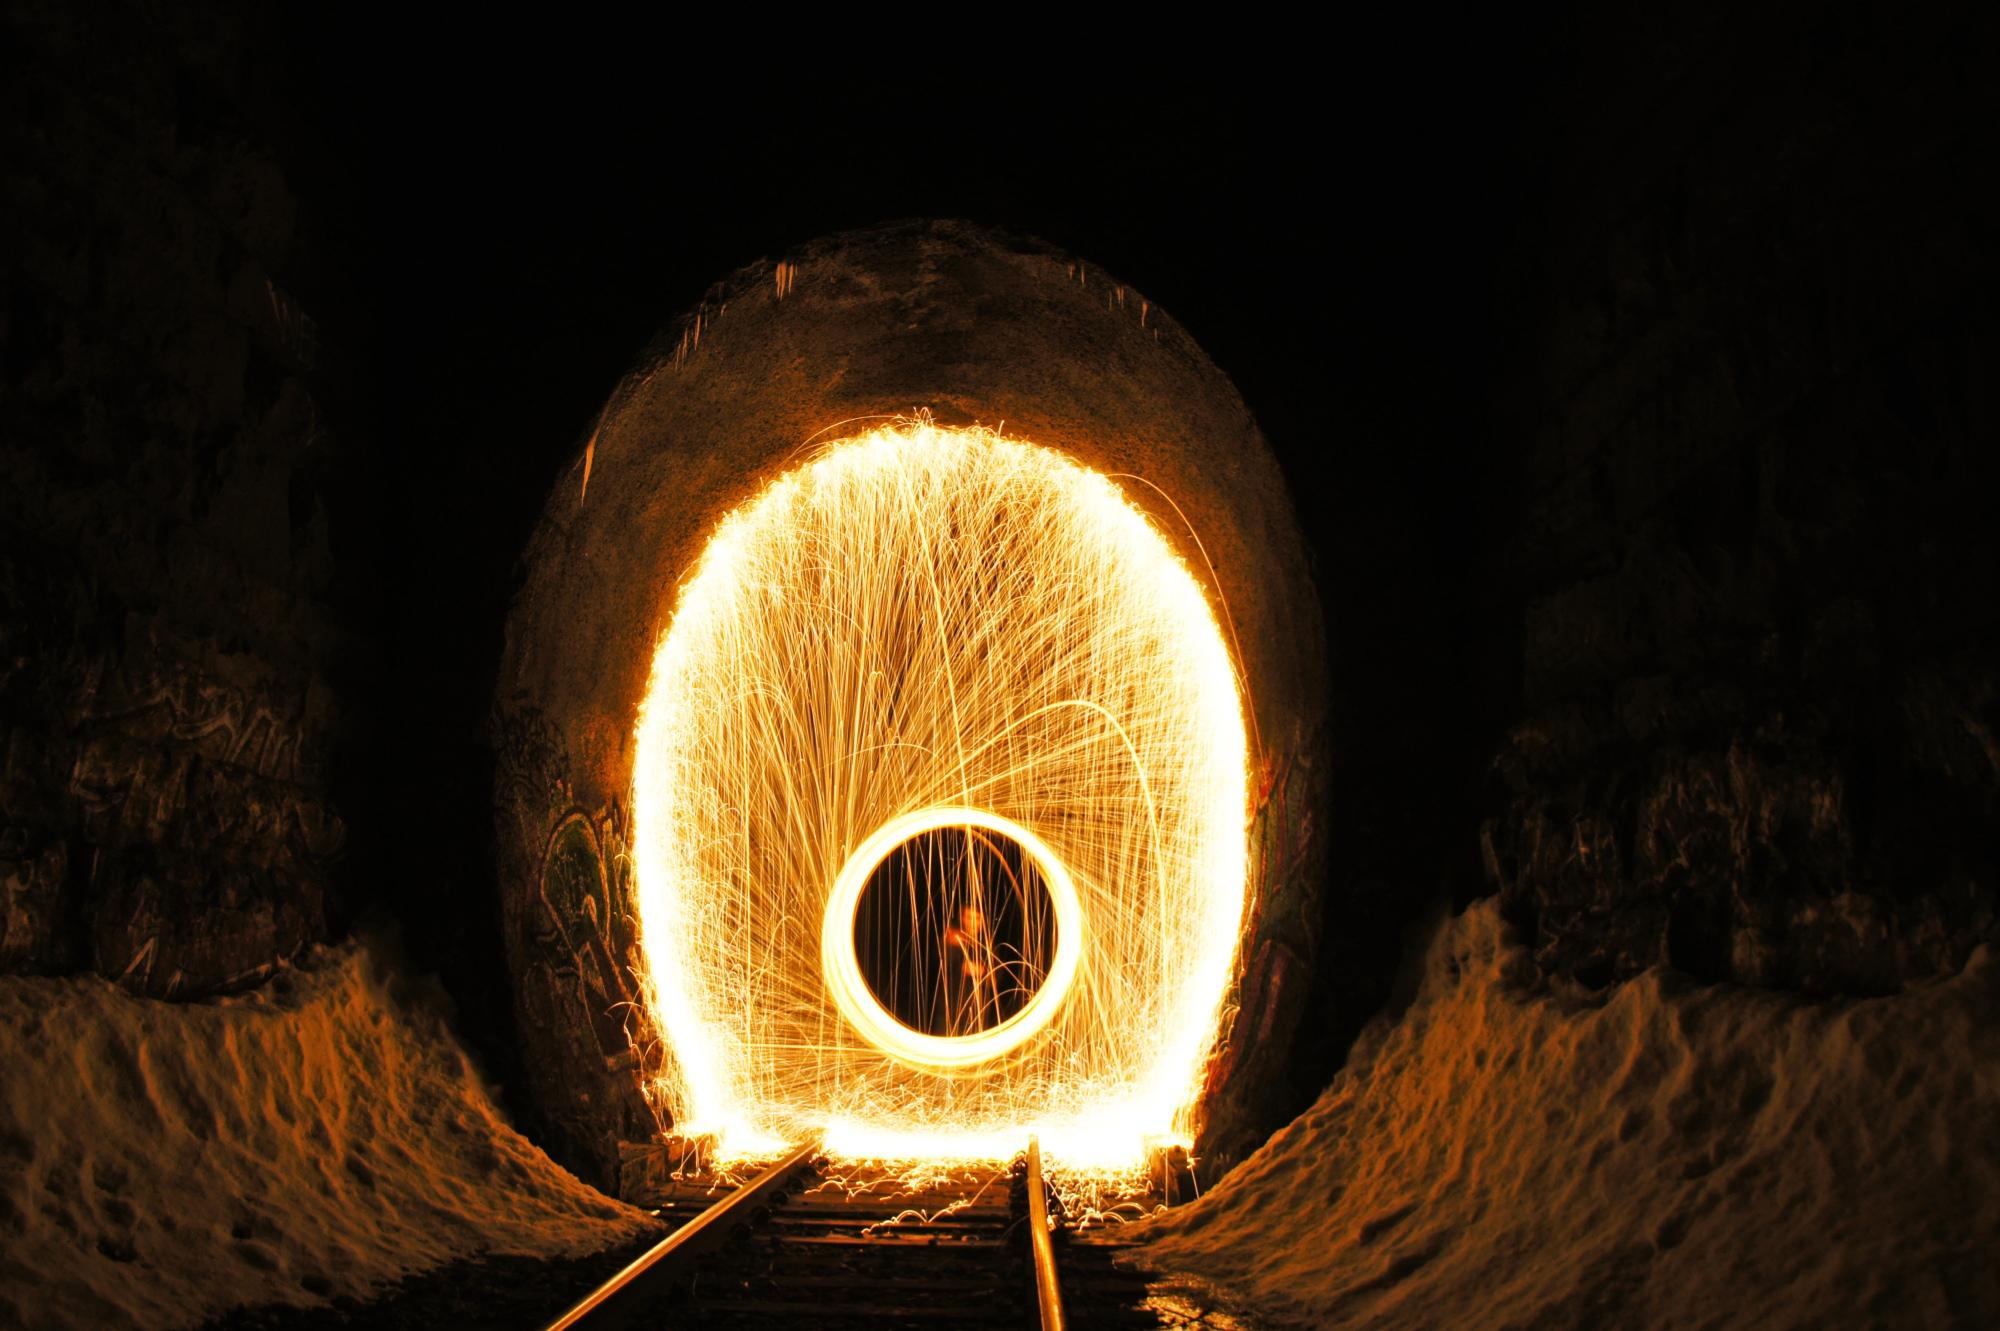 steel wool in a tunnel